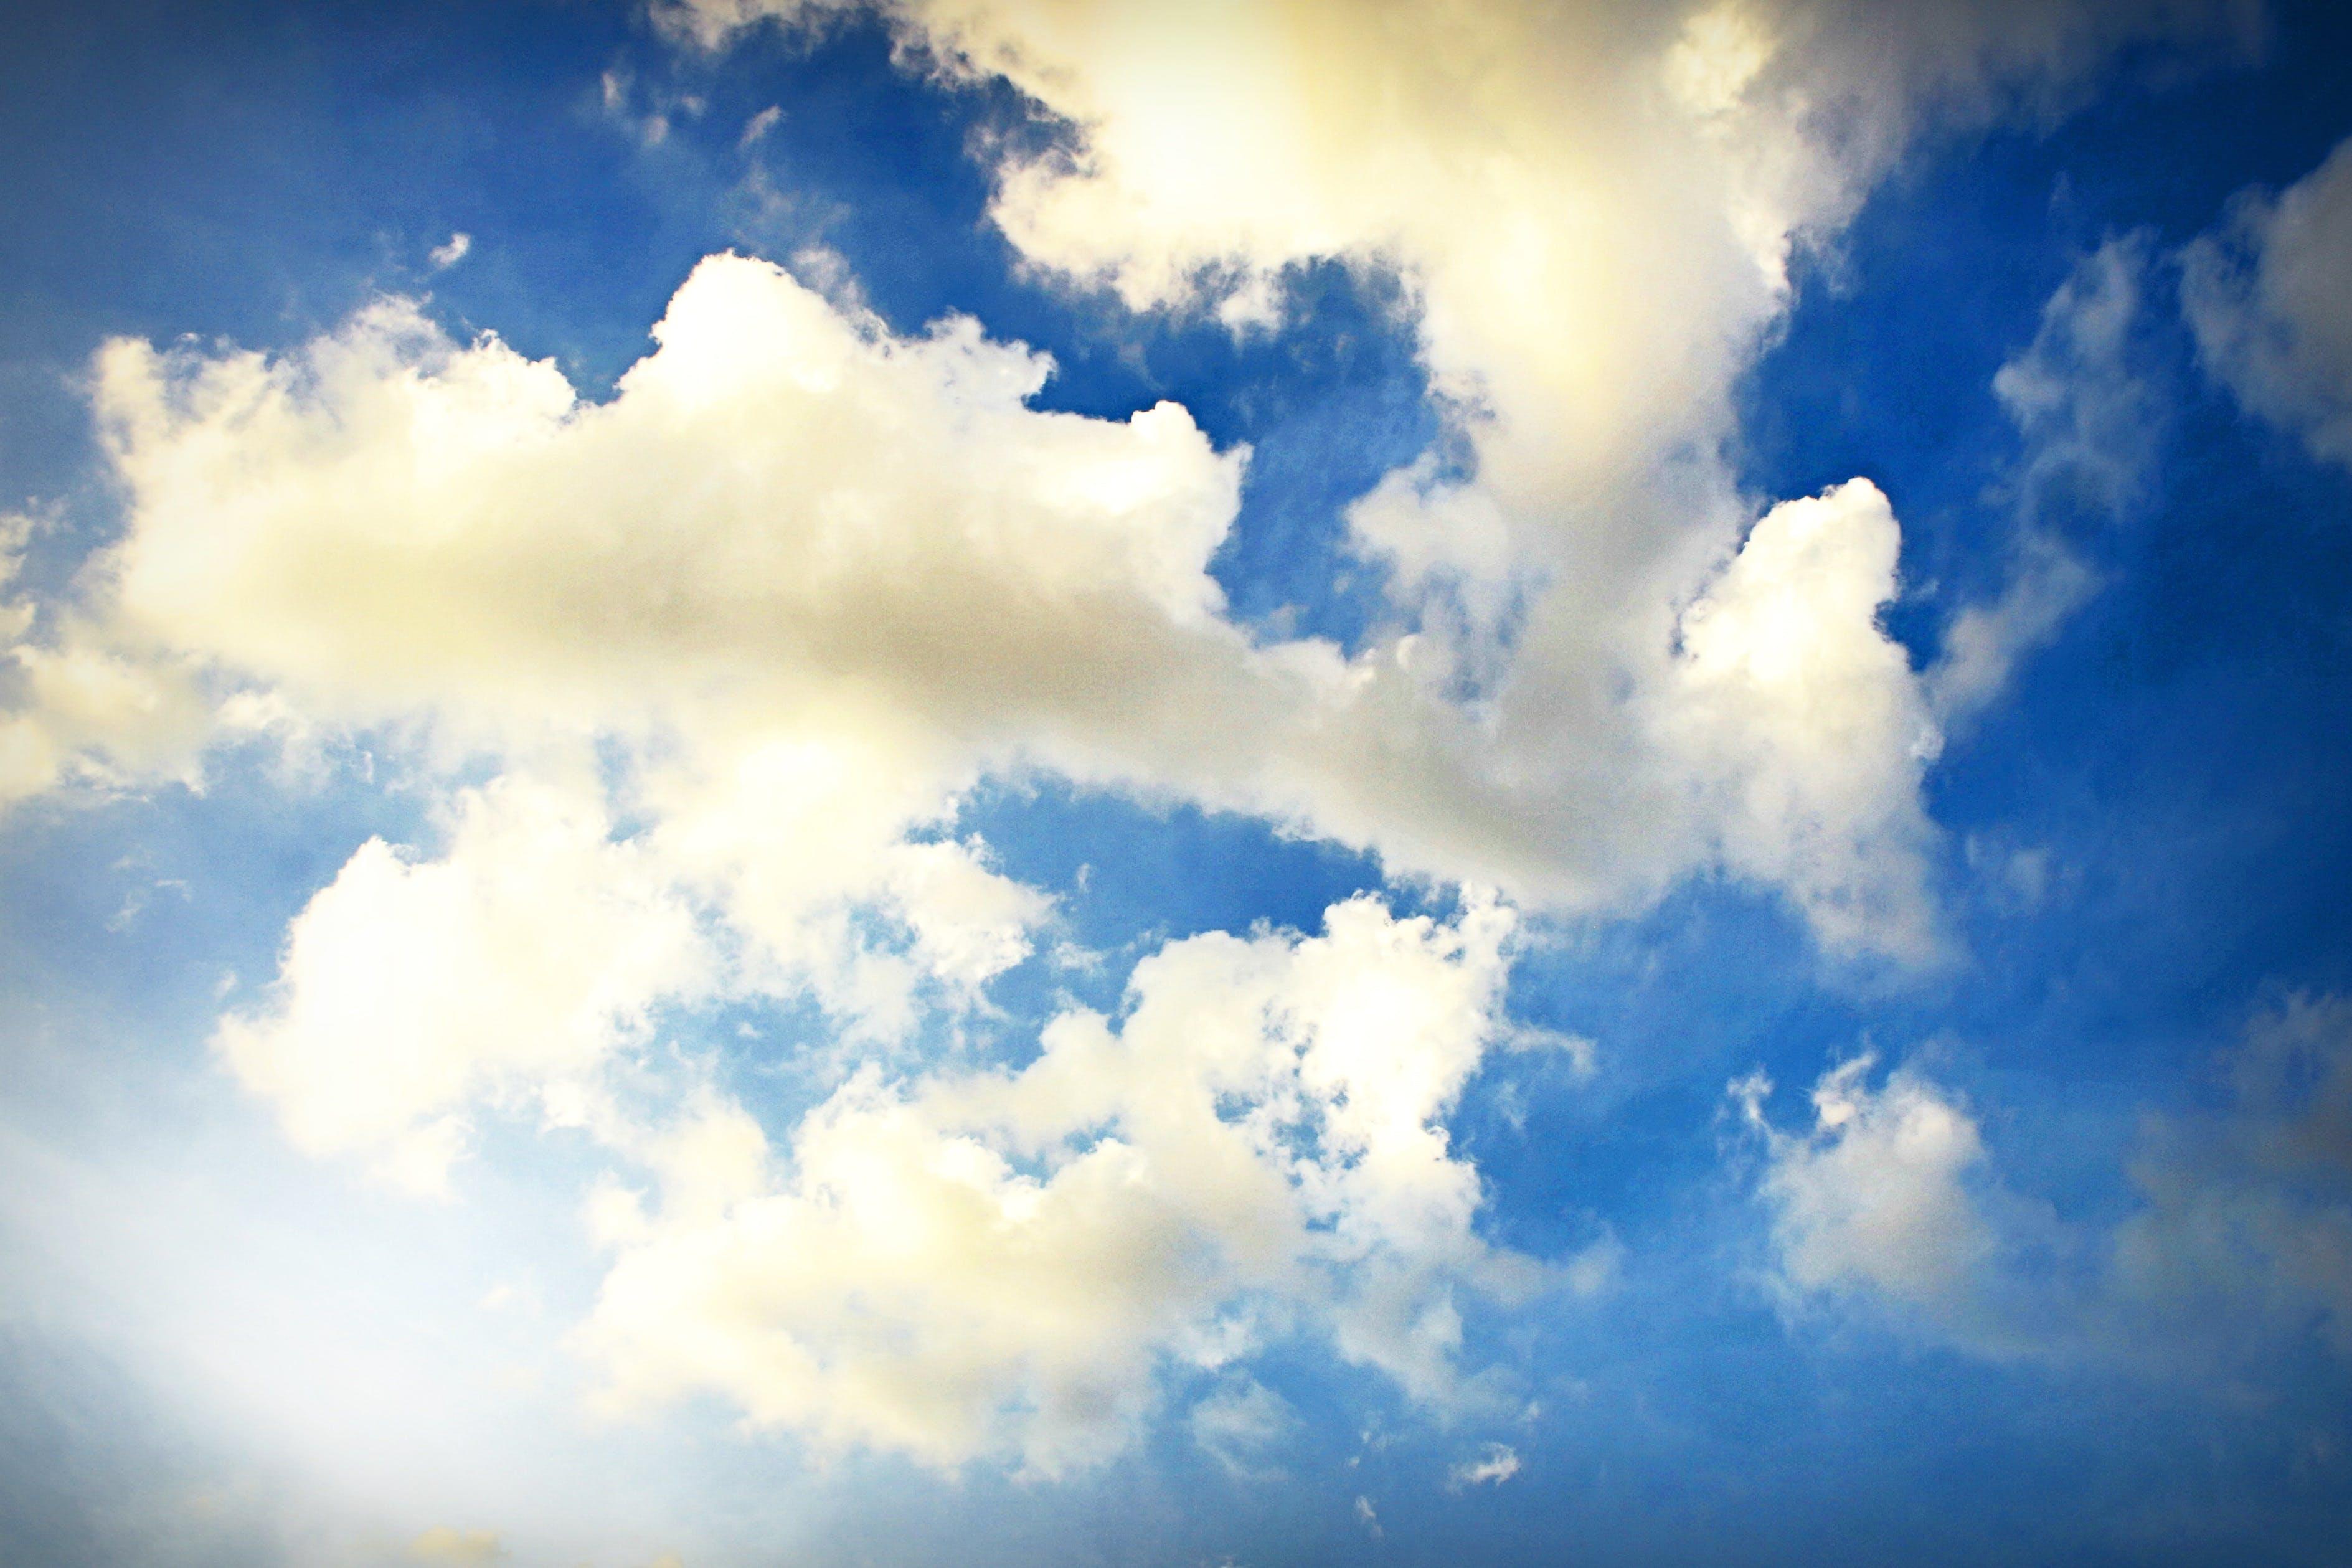 beautiful, blue sky, bright